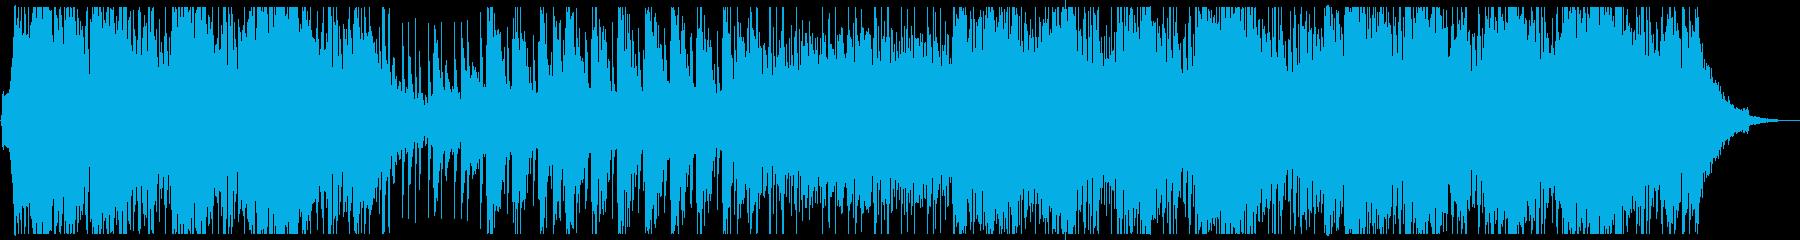 ドラム、シンセ、ストリングスで作ら...の再生済みの波形